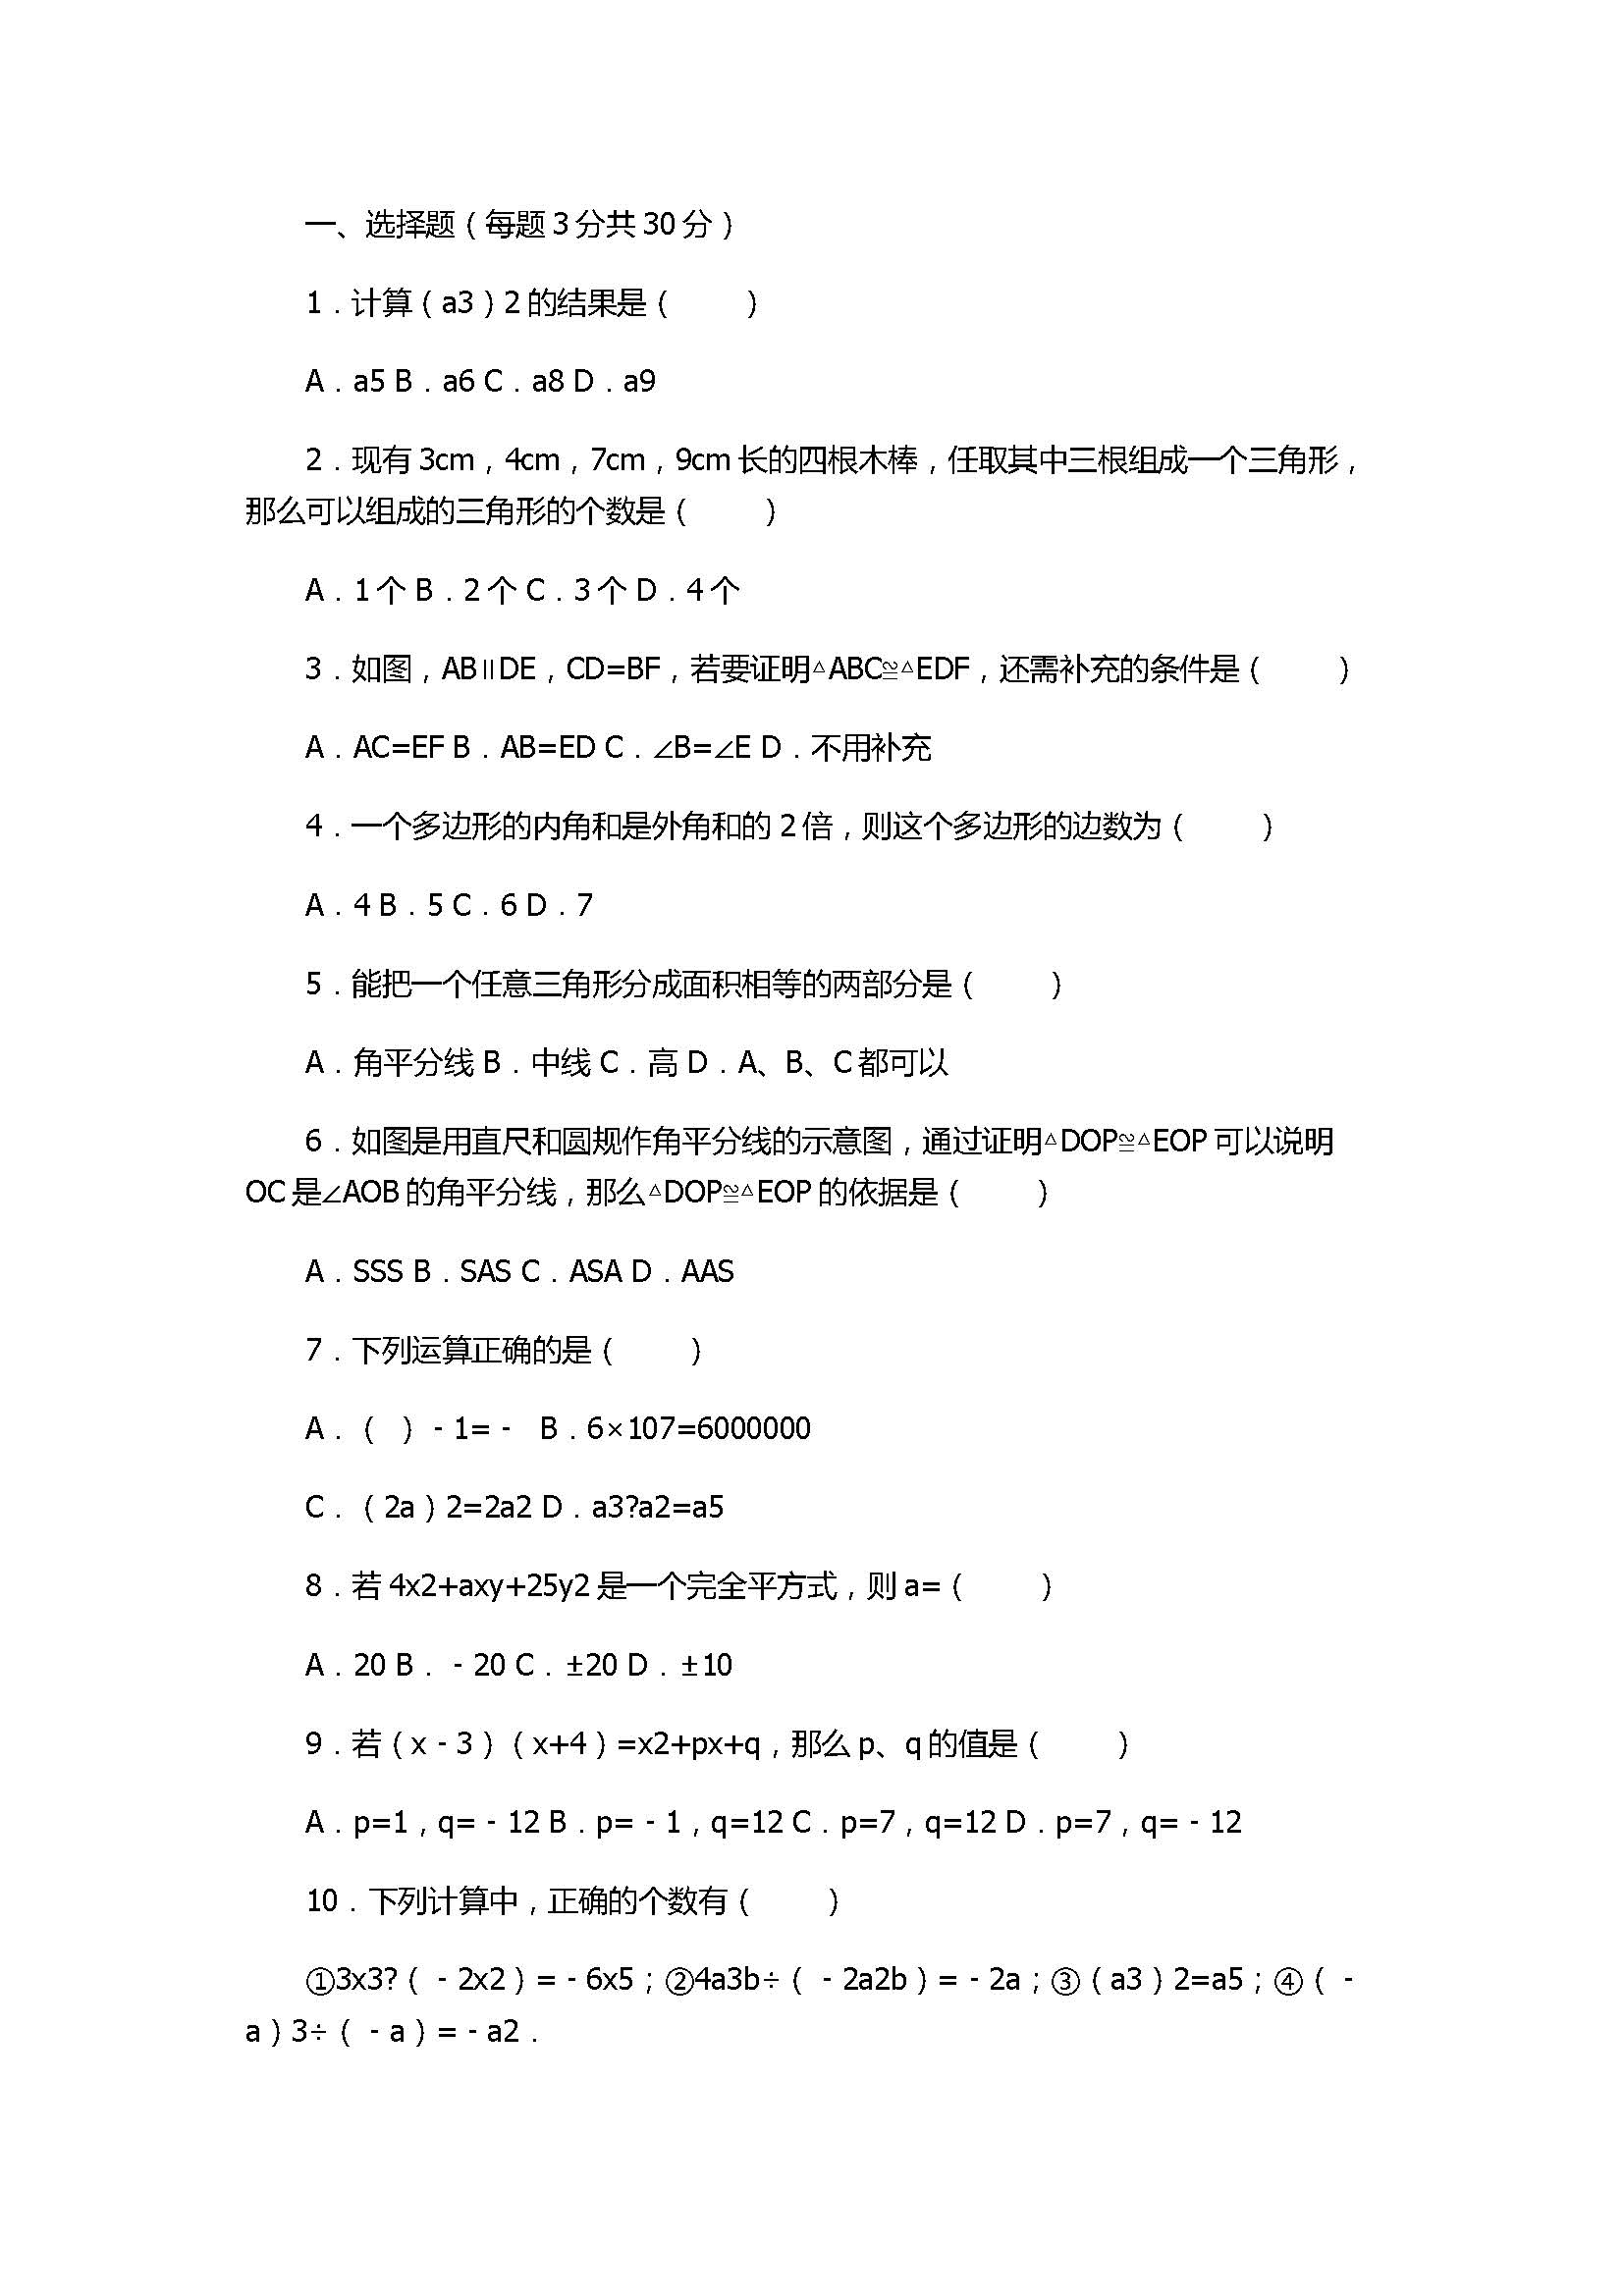 2017八年级数学期中试卷带答案及解释(常州市x藏民族中学)